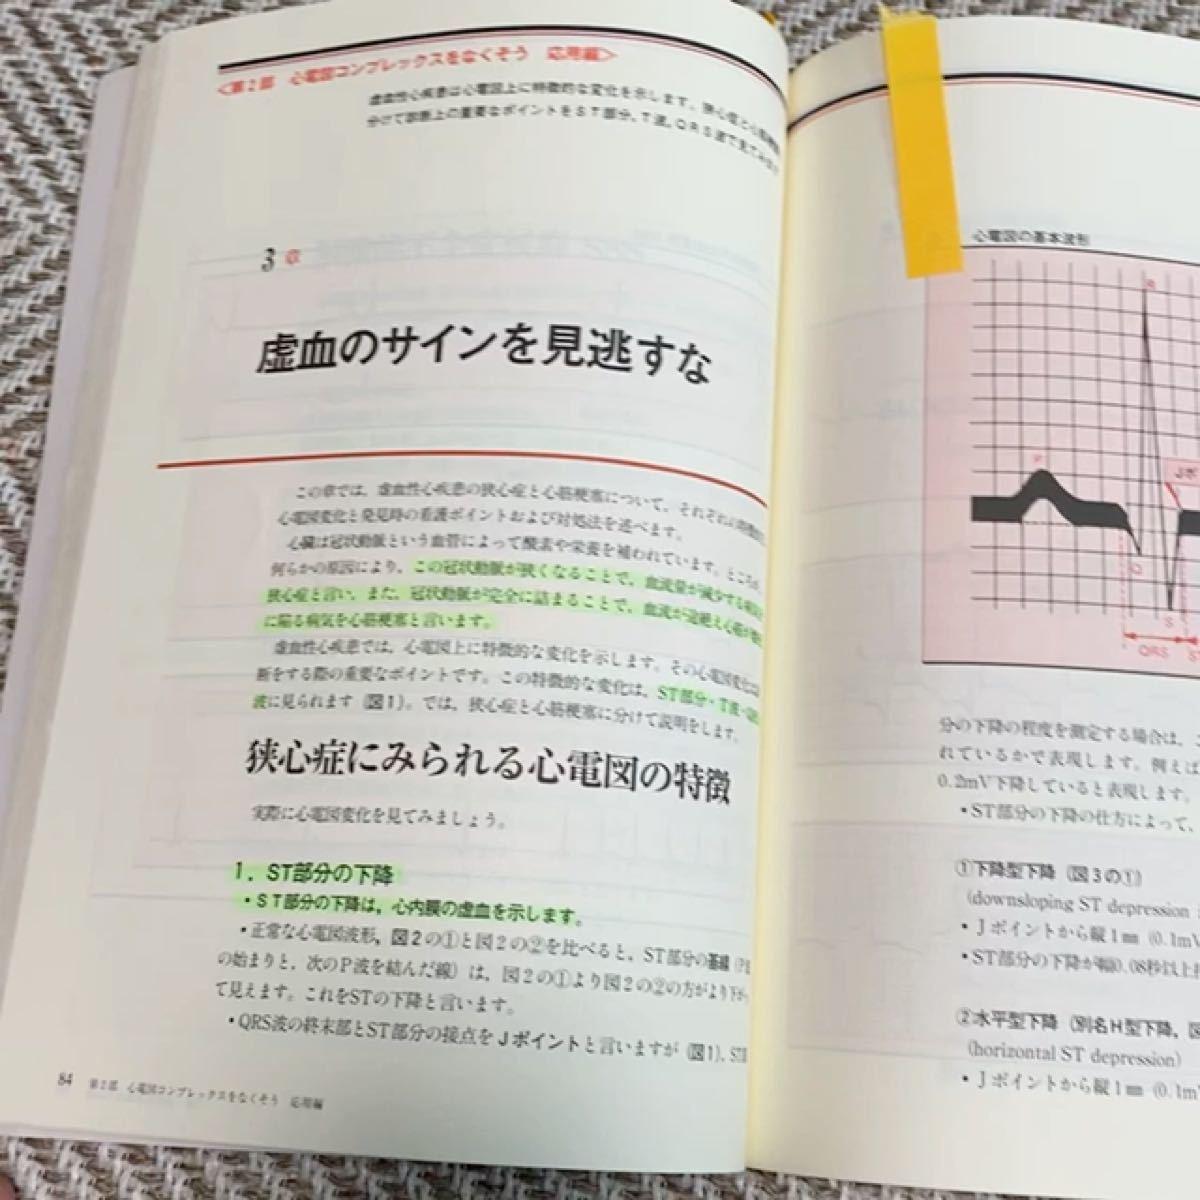 心電図コンプレックスをなくそう/榊原記念病院看護部 (著者)